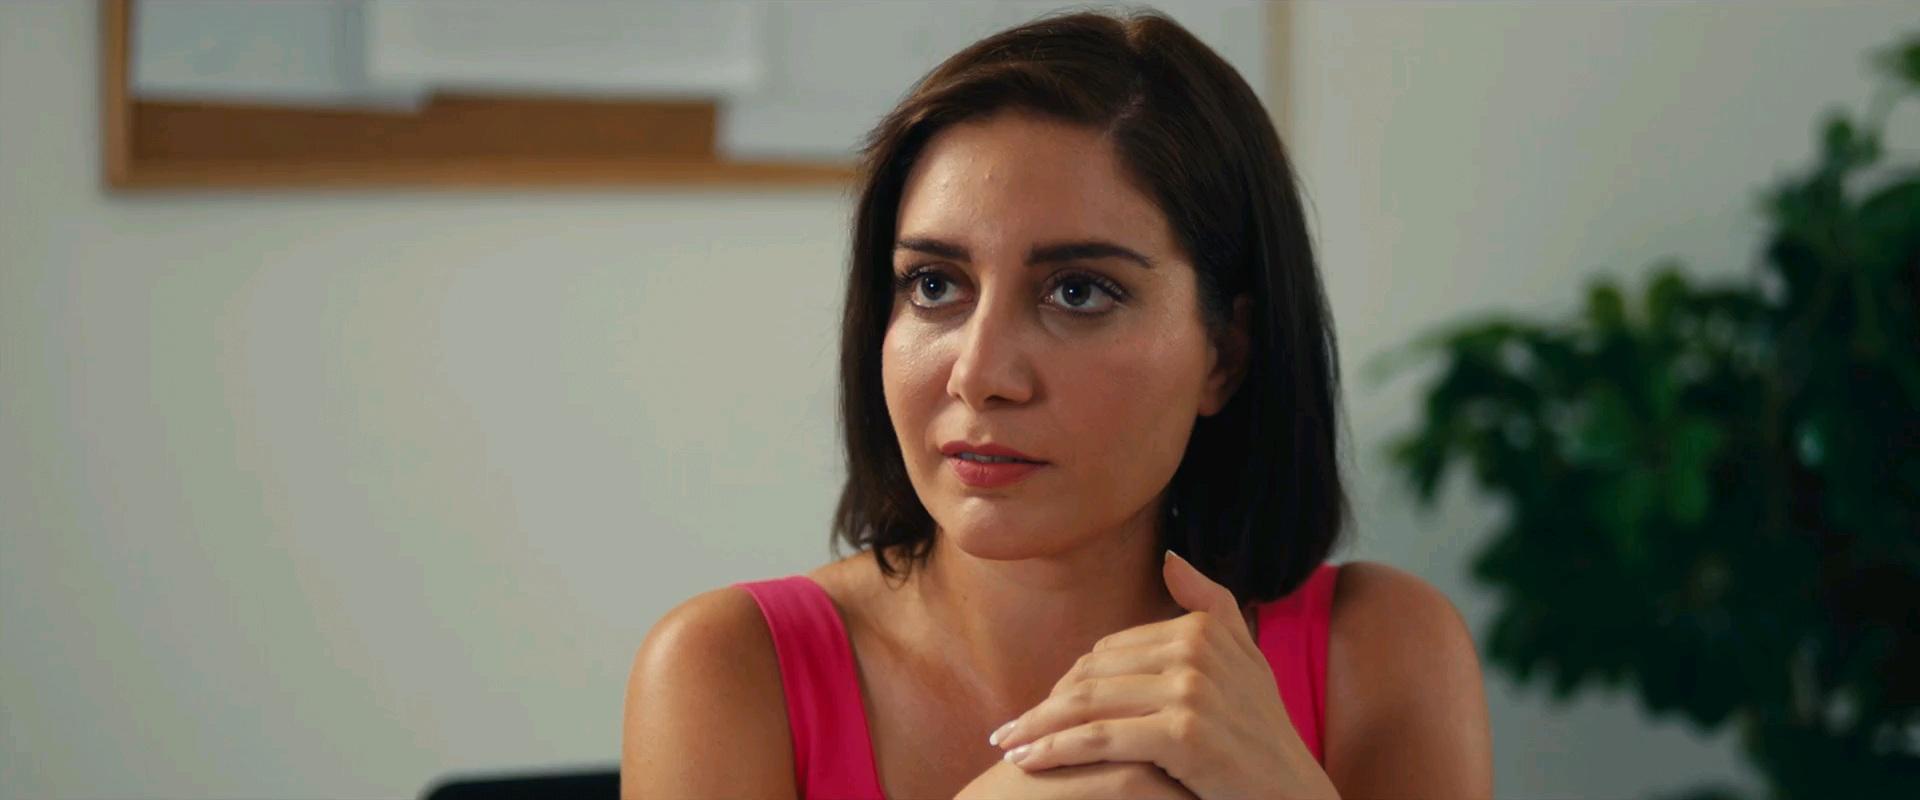 Canavar Gibi: Türk İşi Frankeştayn   2018   Yerli Film   WEB-DL   XviD   Sansürsüz   1080p - m720p - m1080p   WEB-DL   Tek Link